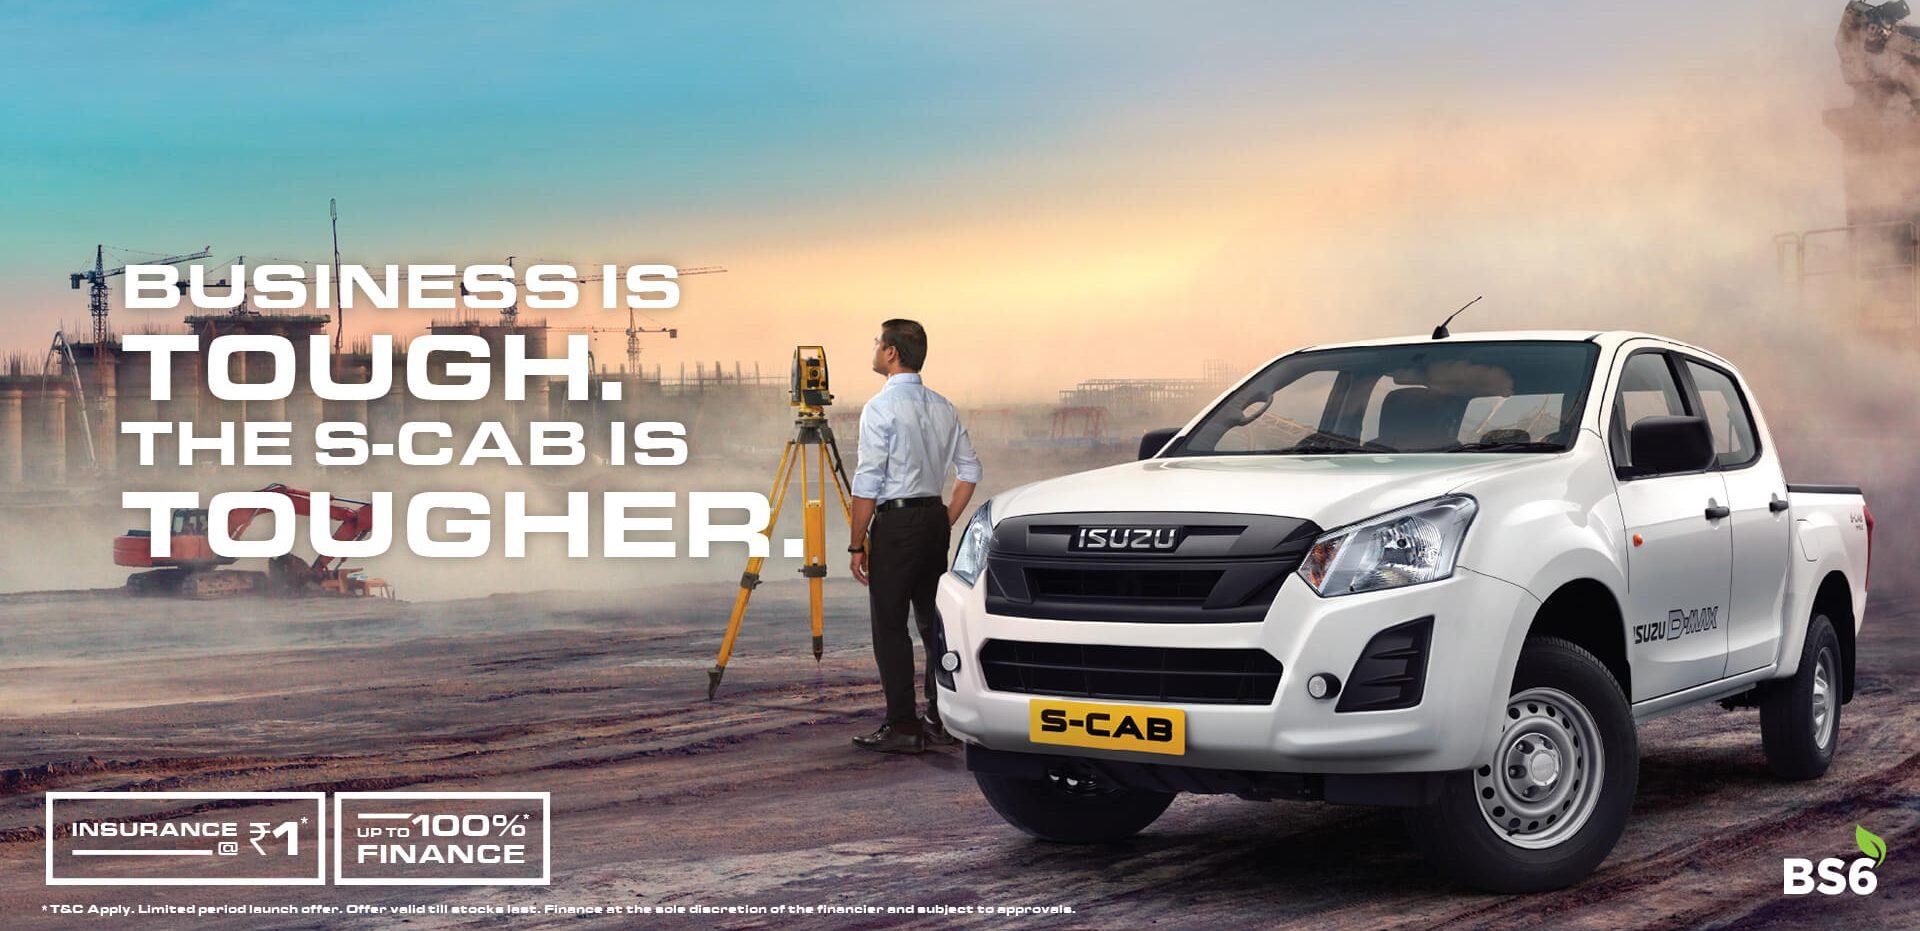 Bs6 Isuzu S Cab India